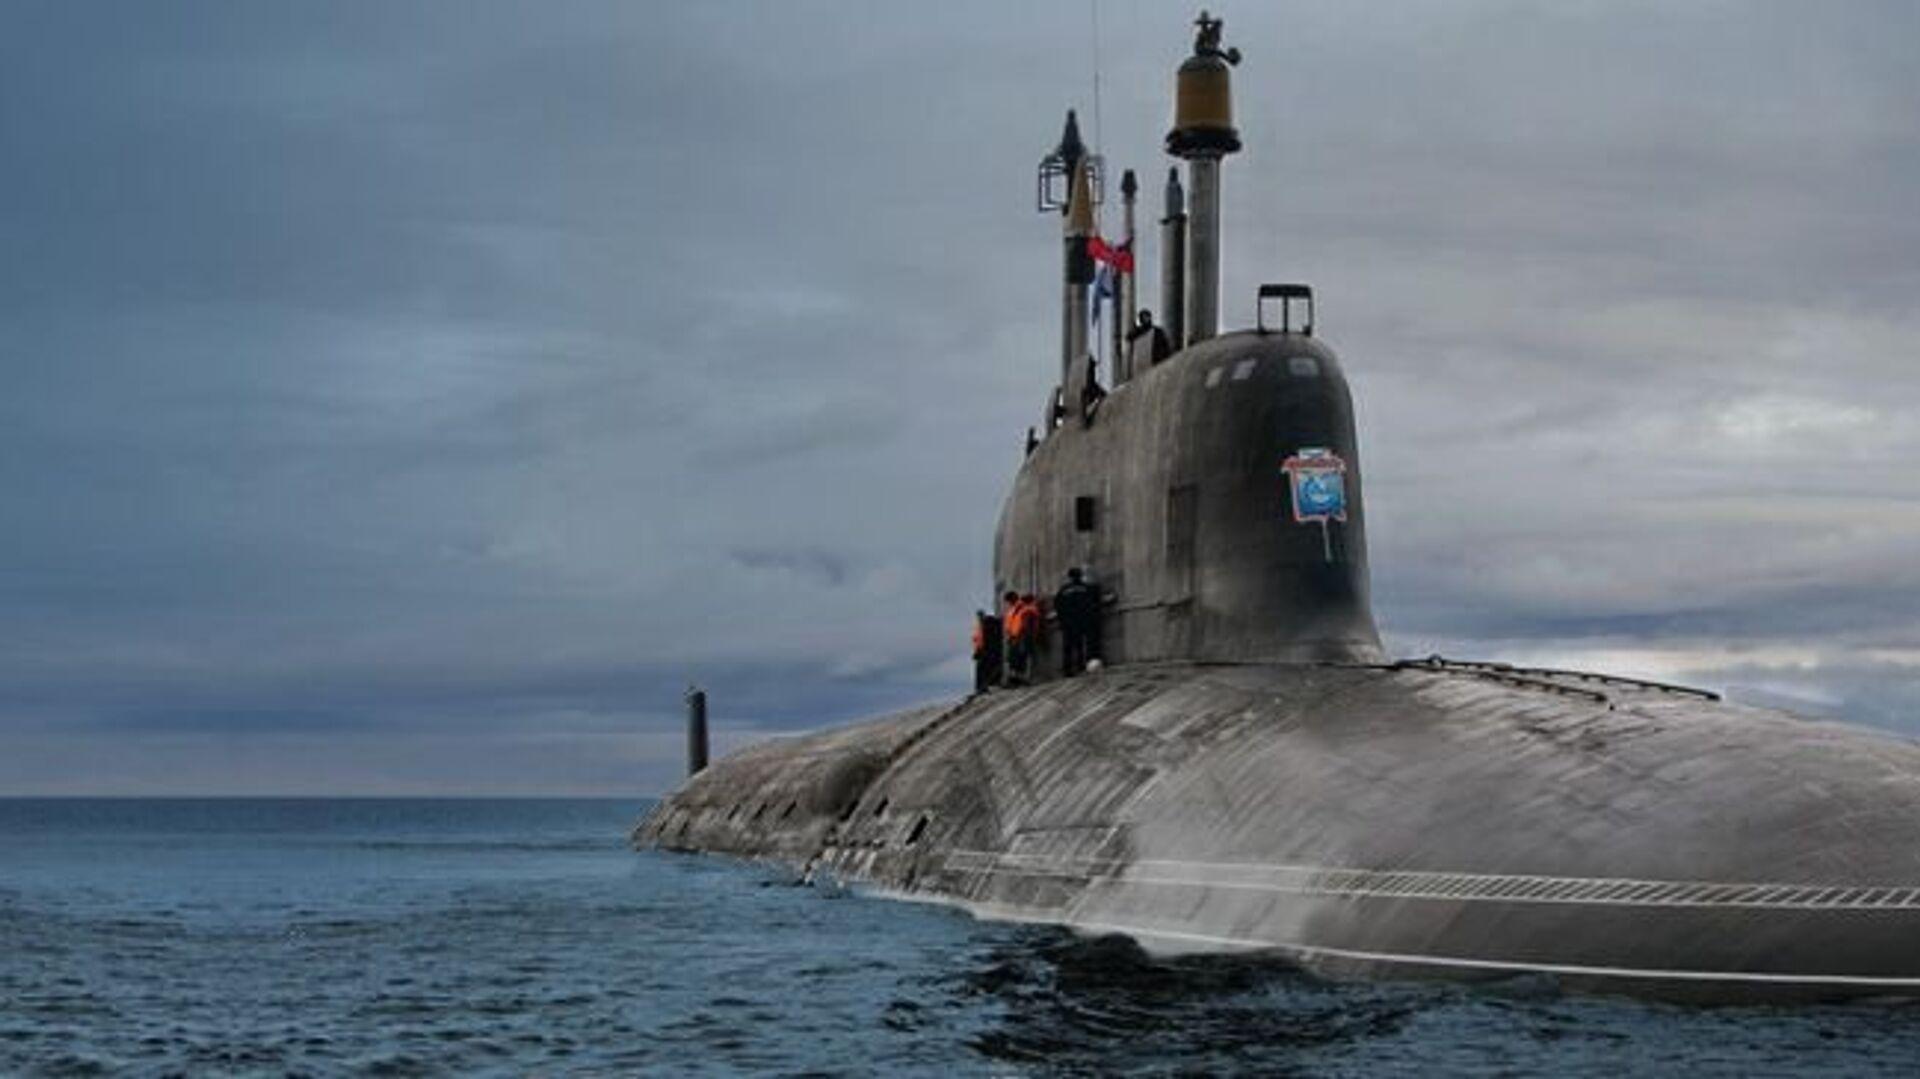 Атомная подводная лодка проекта 885 Ясень - РИА Новости, 1920, 24.03.2021